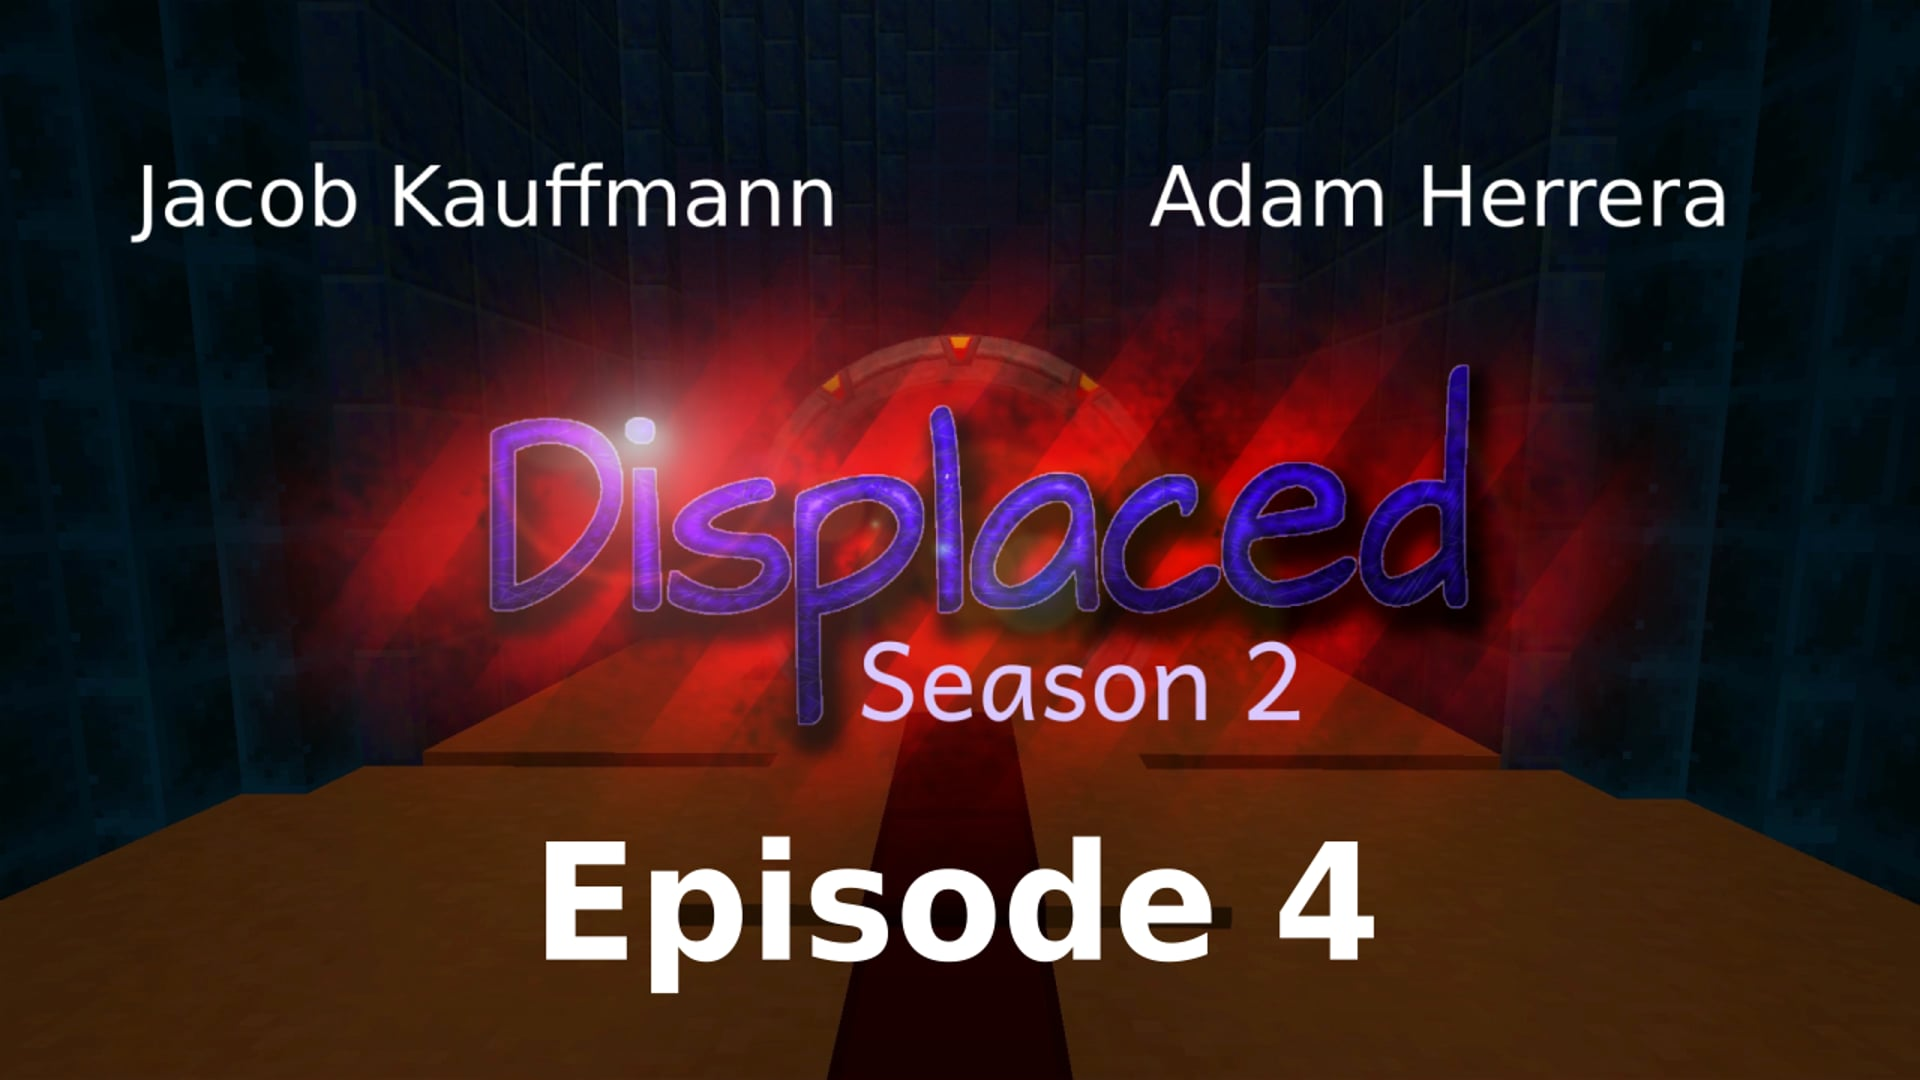 Episode 4 - Displaced: Season 2